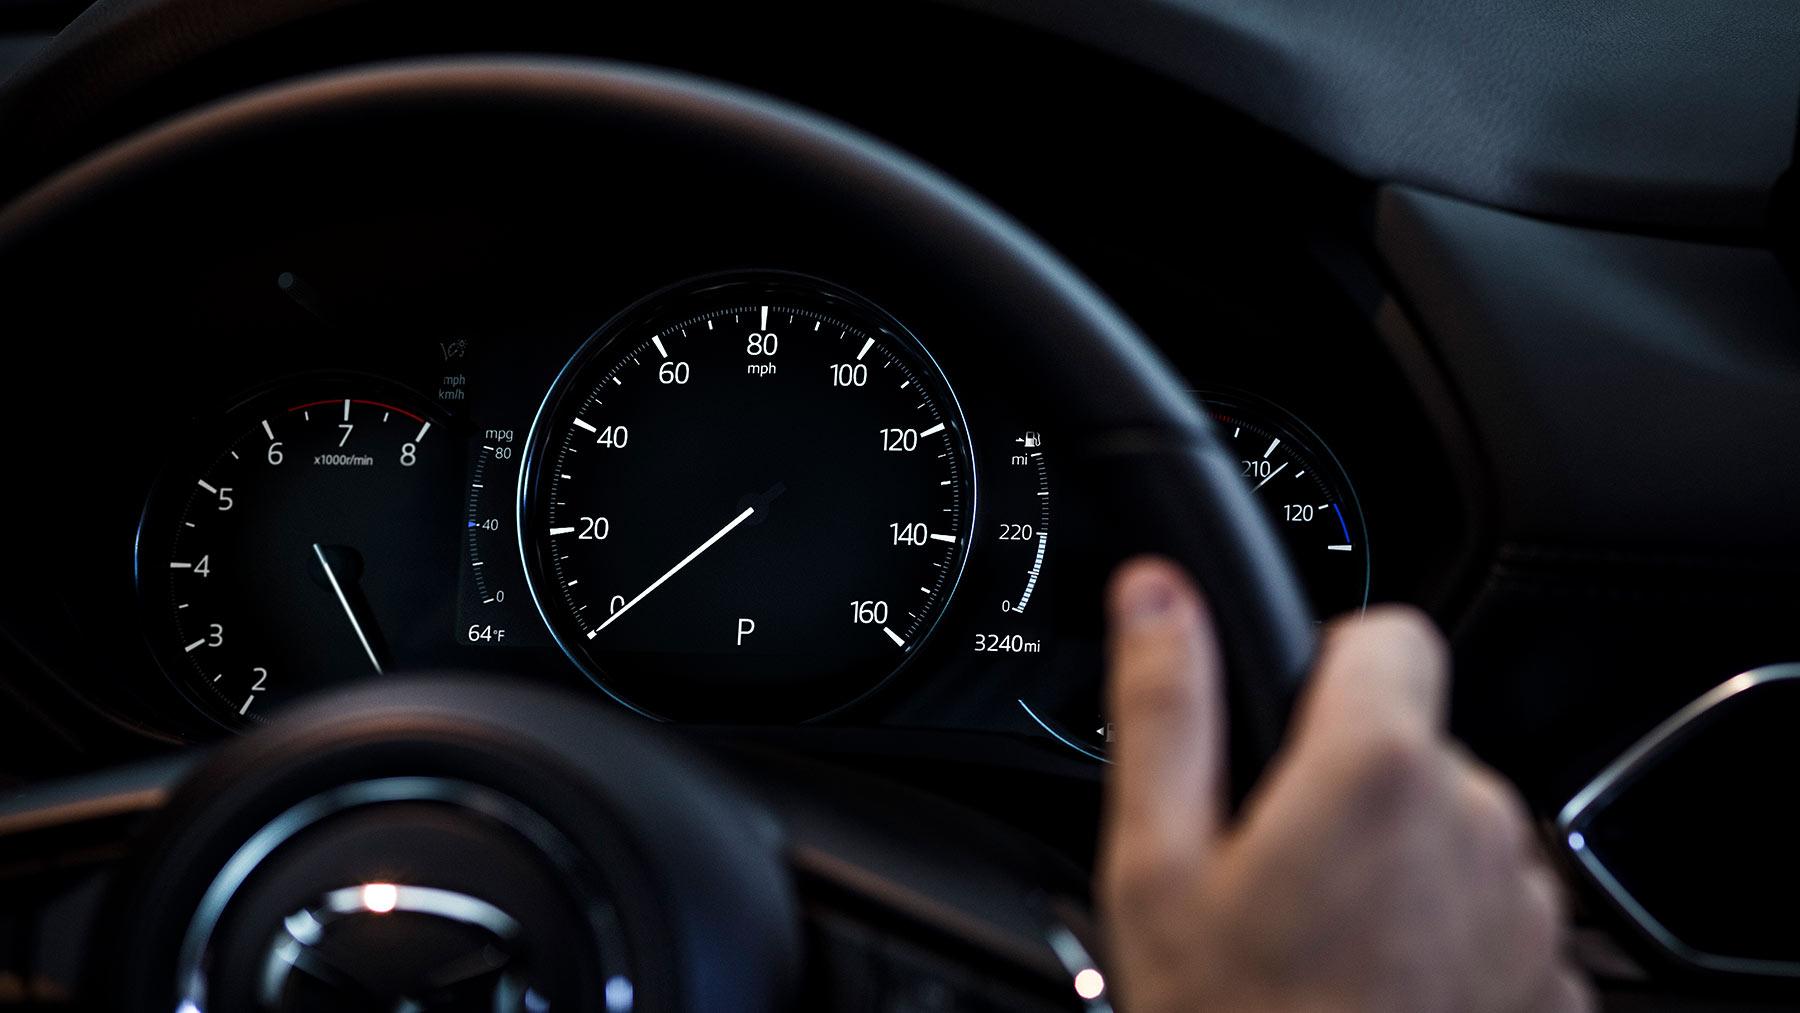 Performance-Inspired Design in the 2019 Mazda CX-5